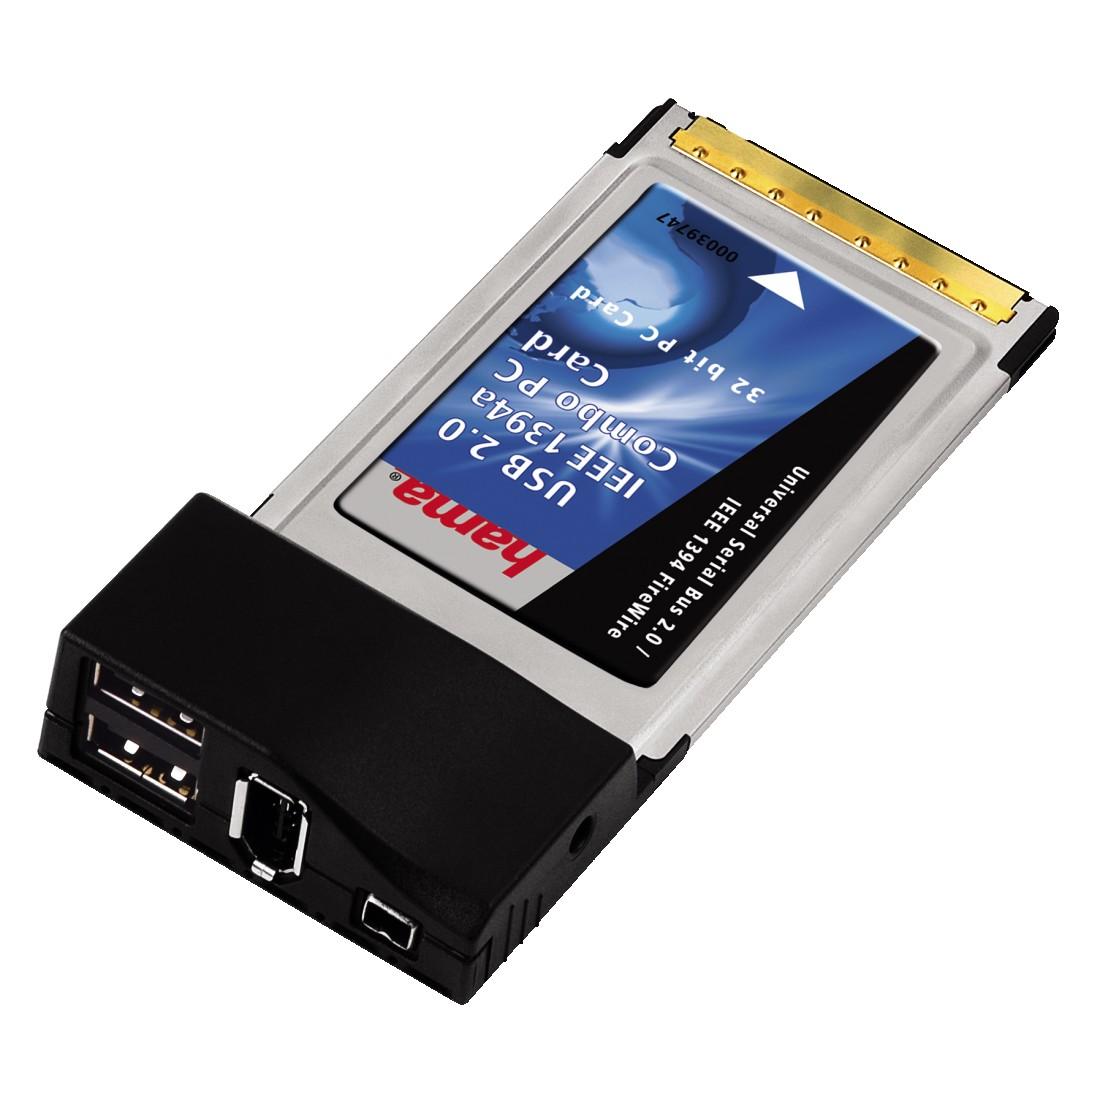 HAMA USB IEEE 1394 Firewire Combo Card Drivers for Windows